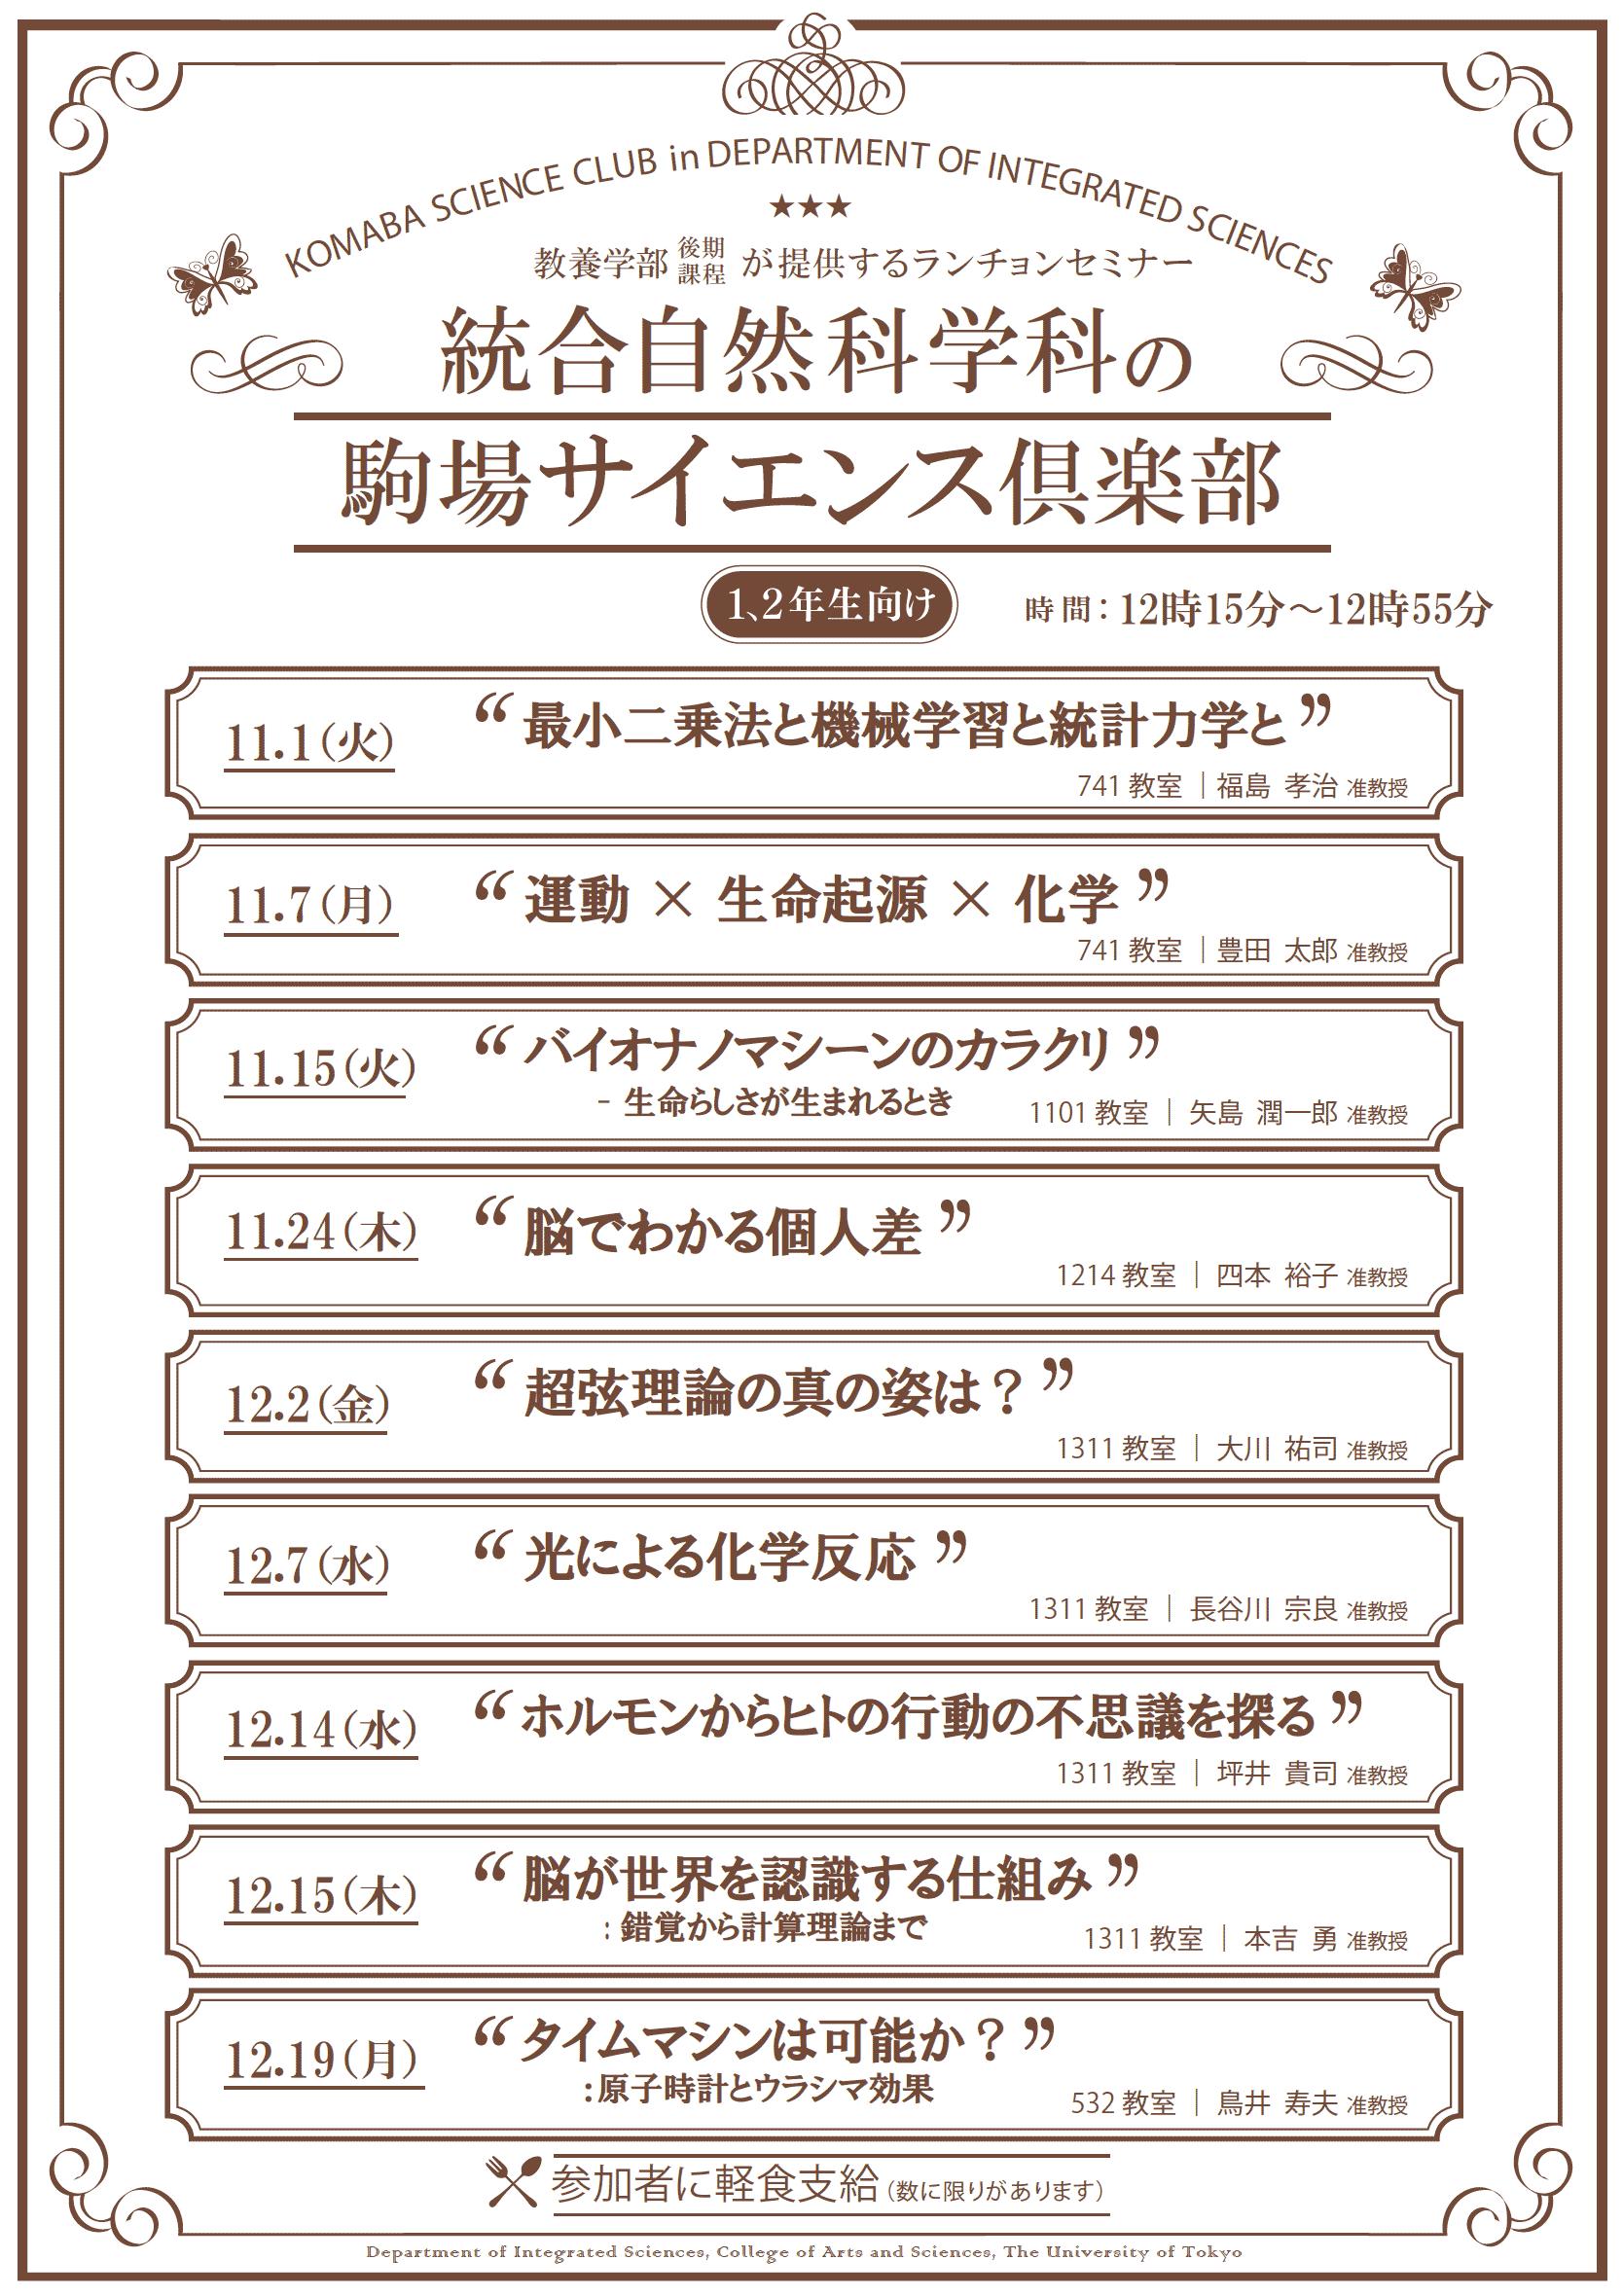 駒場サイエンス倶楽部スケジュール